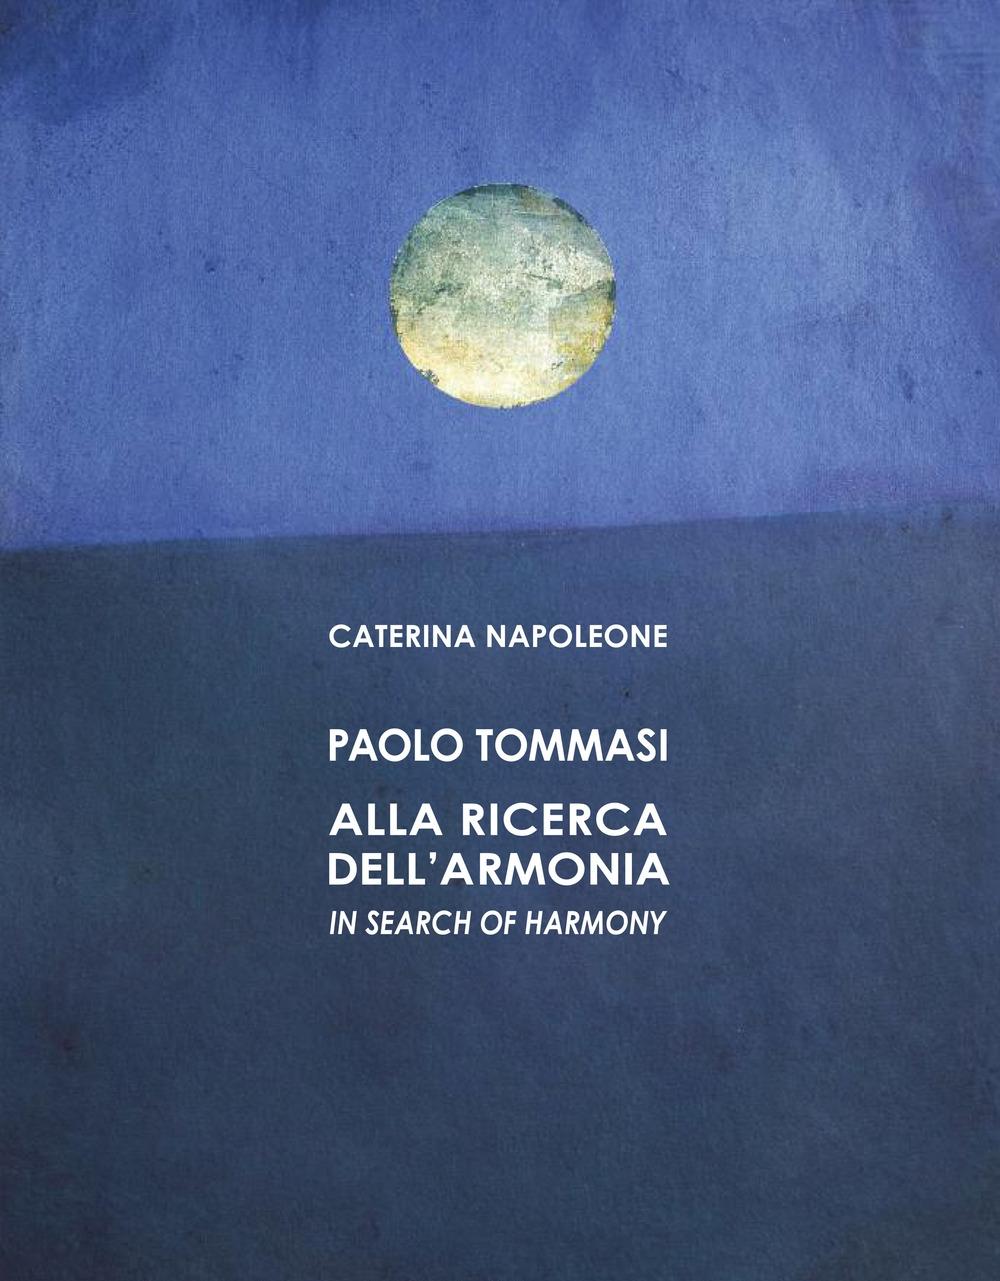 Paolo Tommasi. Alla ricerca dell'armonia. Ediz. italiana e inglese.